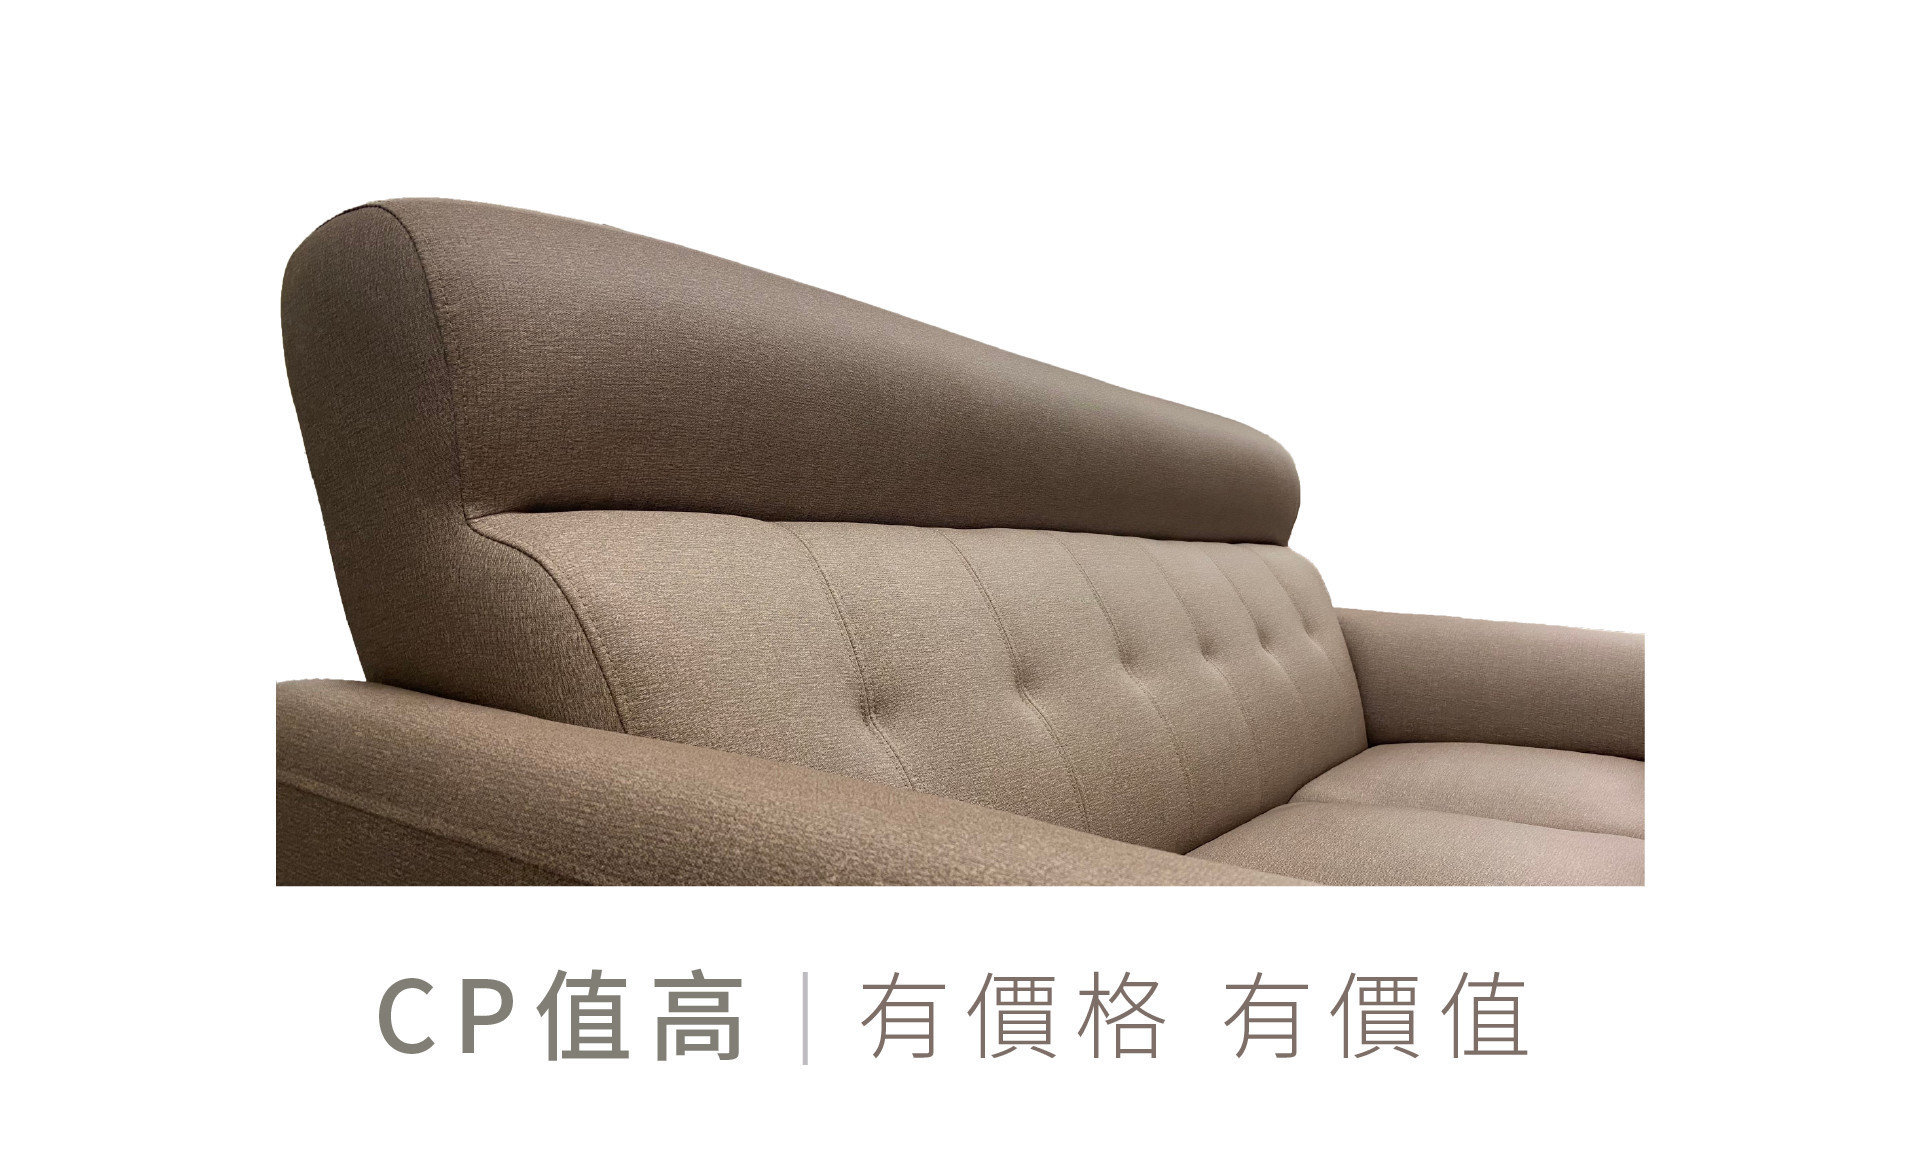 米樂沙發規格卻不貴,超高CP值!